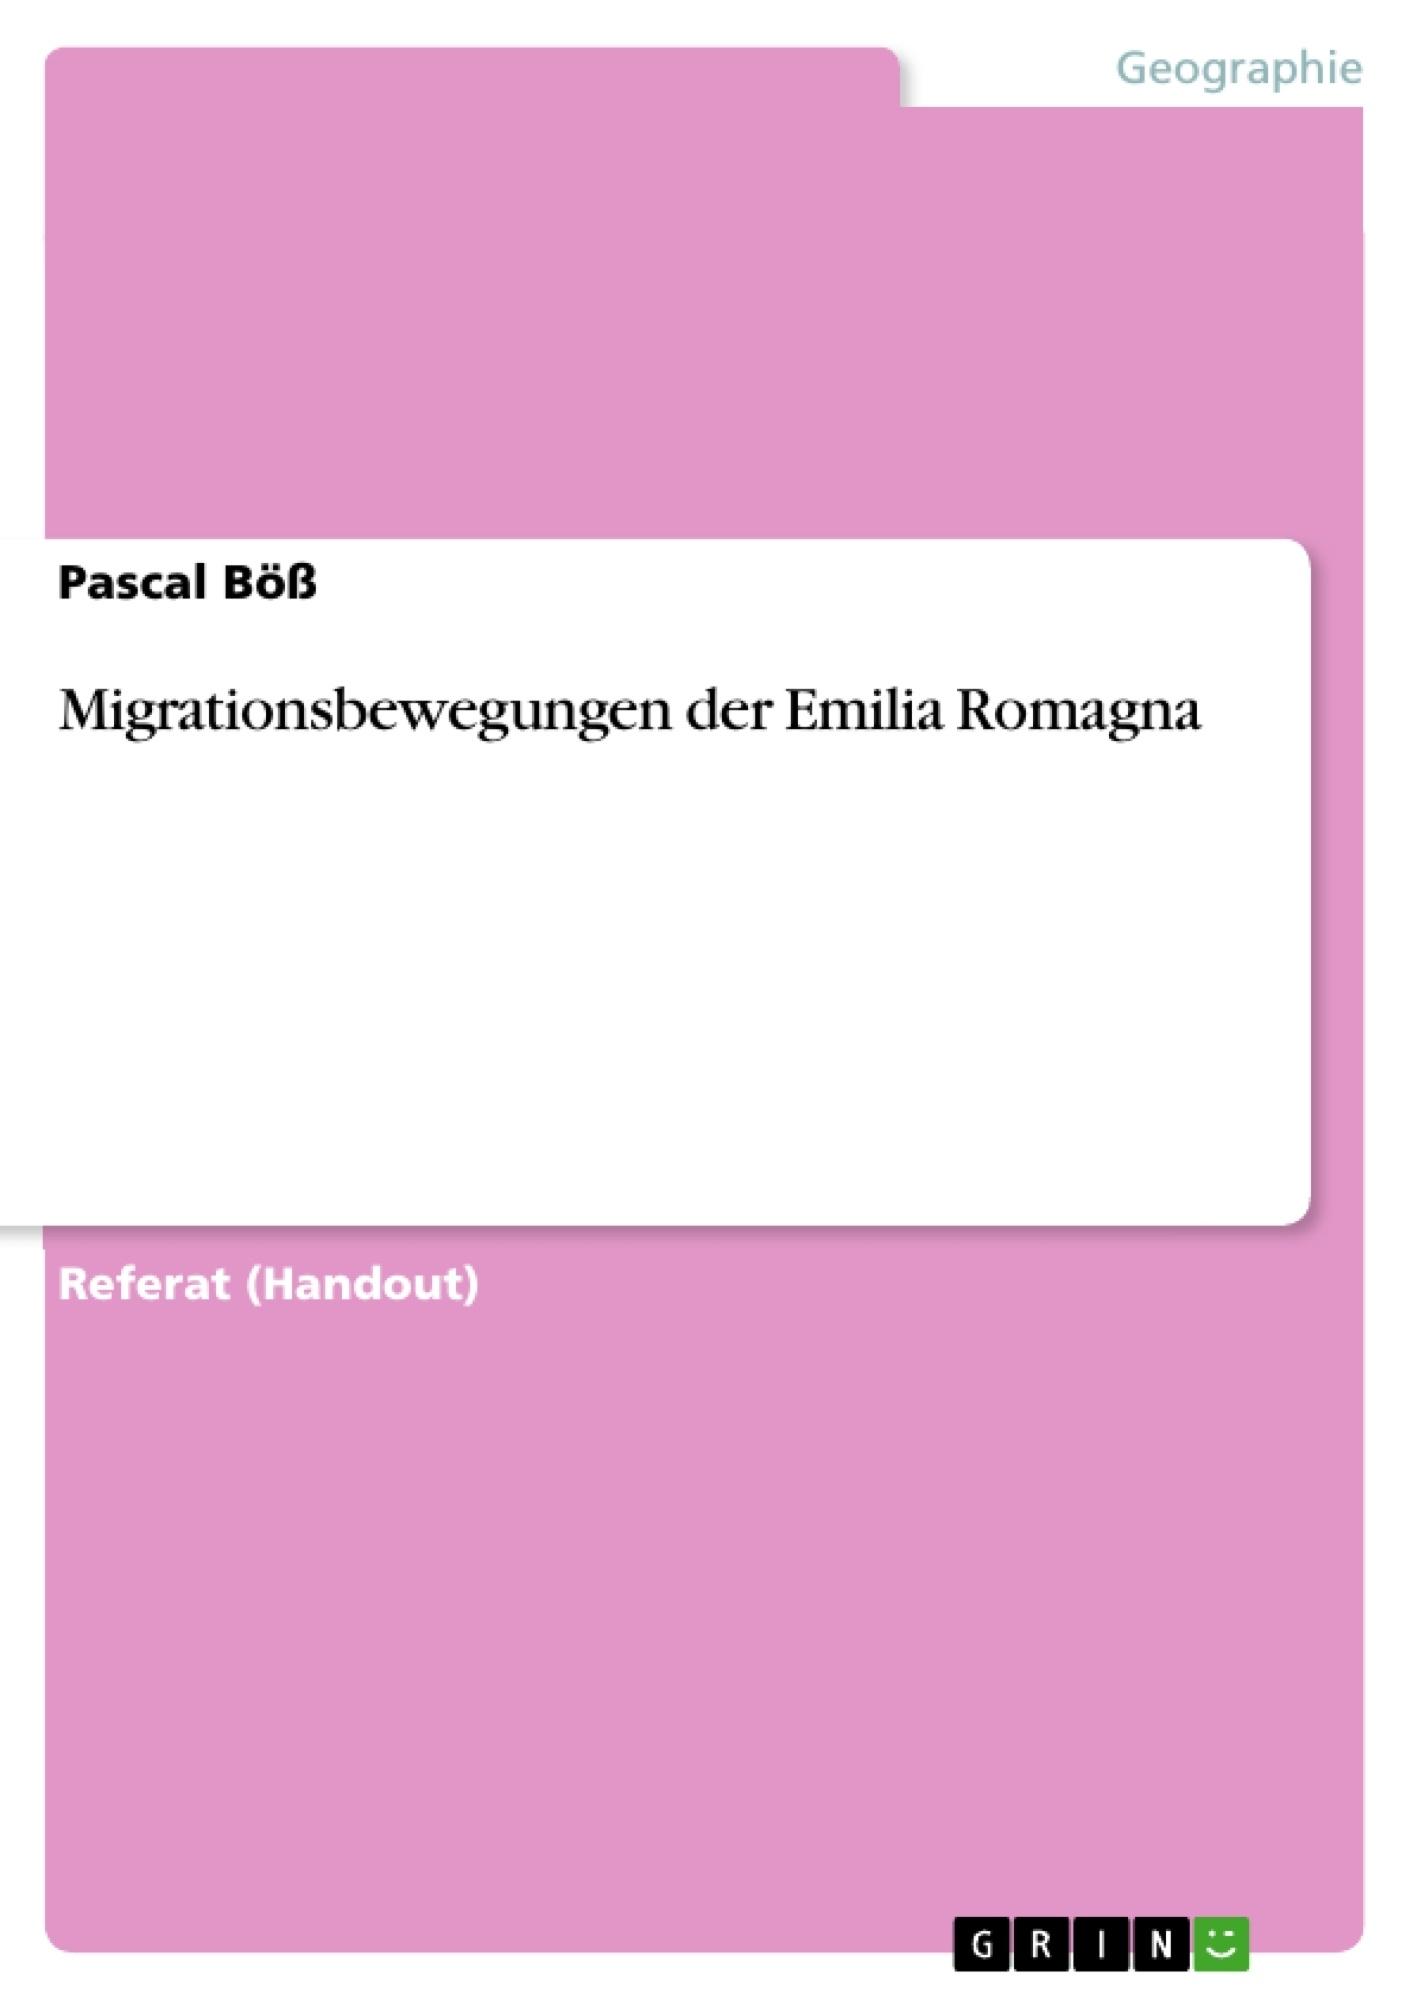 Titel: Migrationsbewegungen der Emilia Romagna